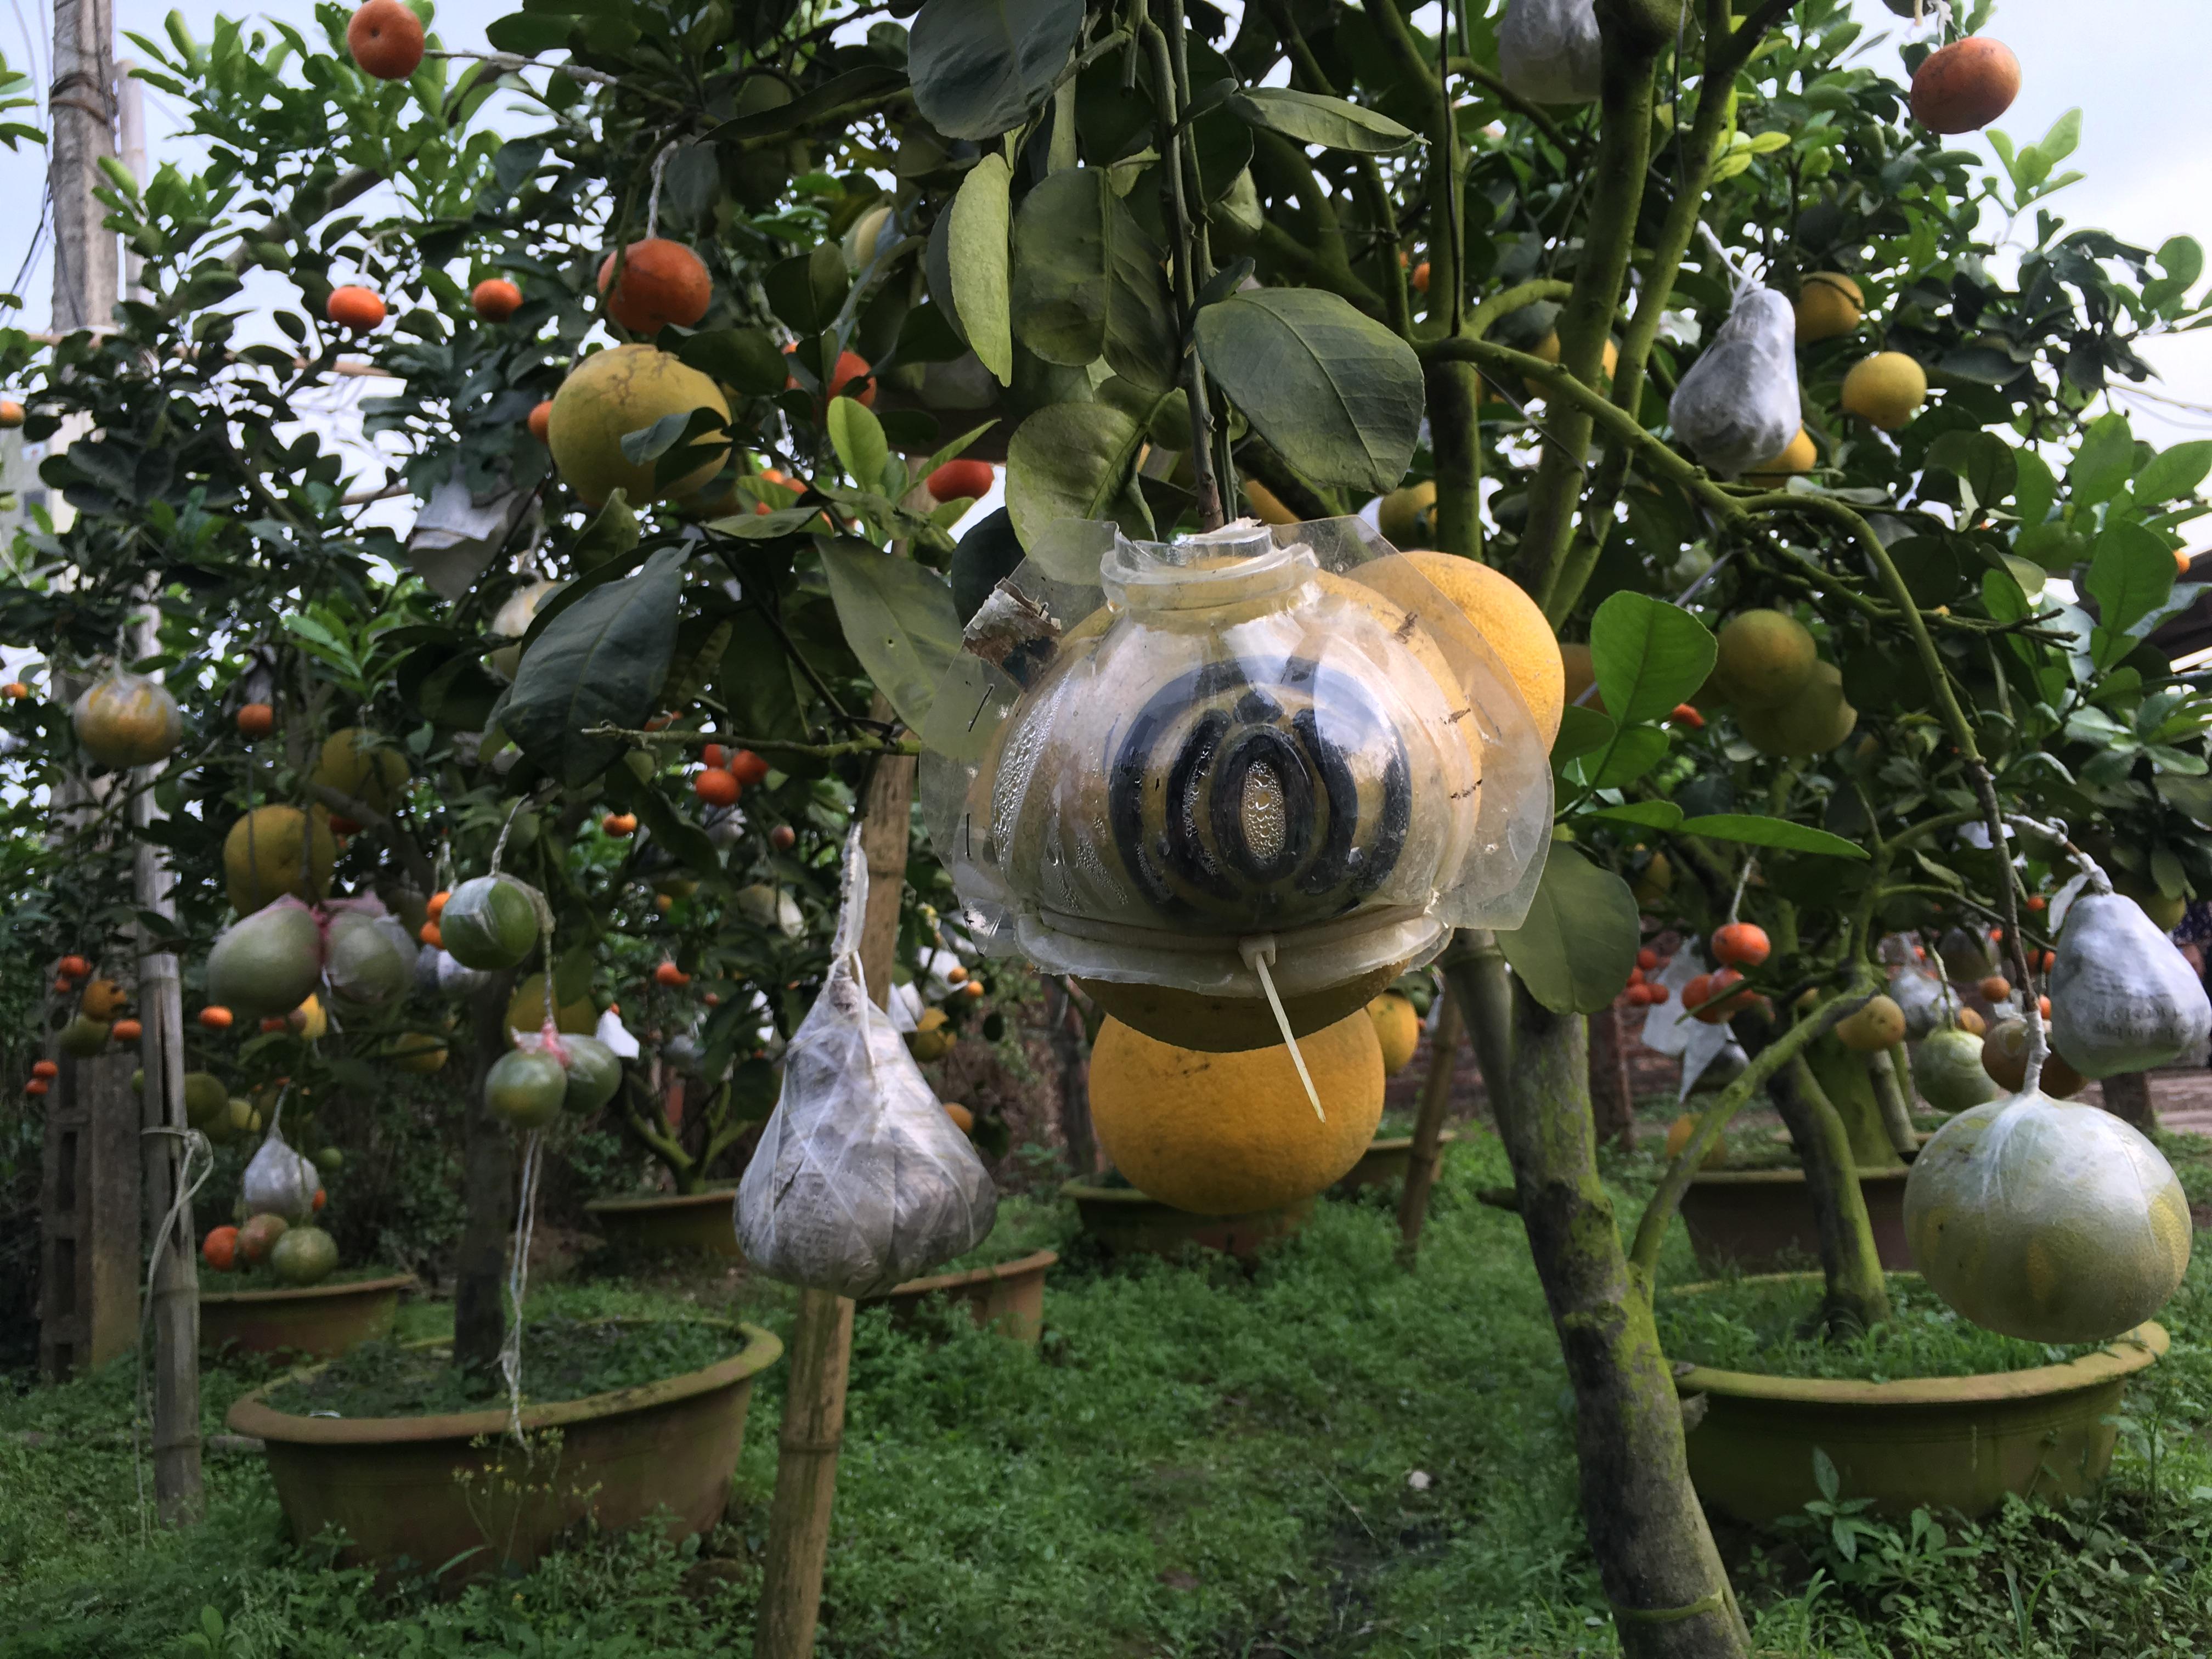 Chiêm ngưỡng vườn cây 10 loại quả độc đáo của lão nông Hà Thành 6